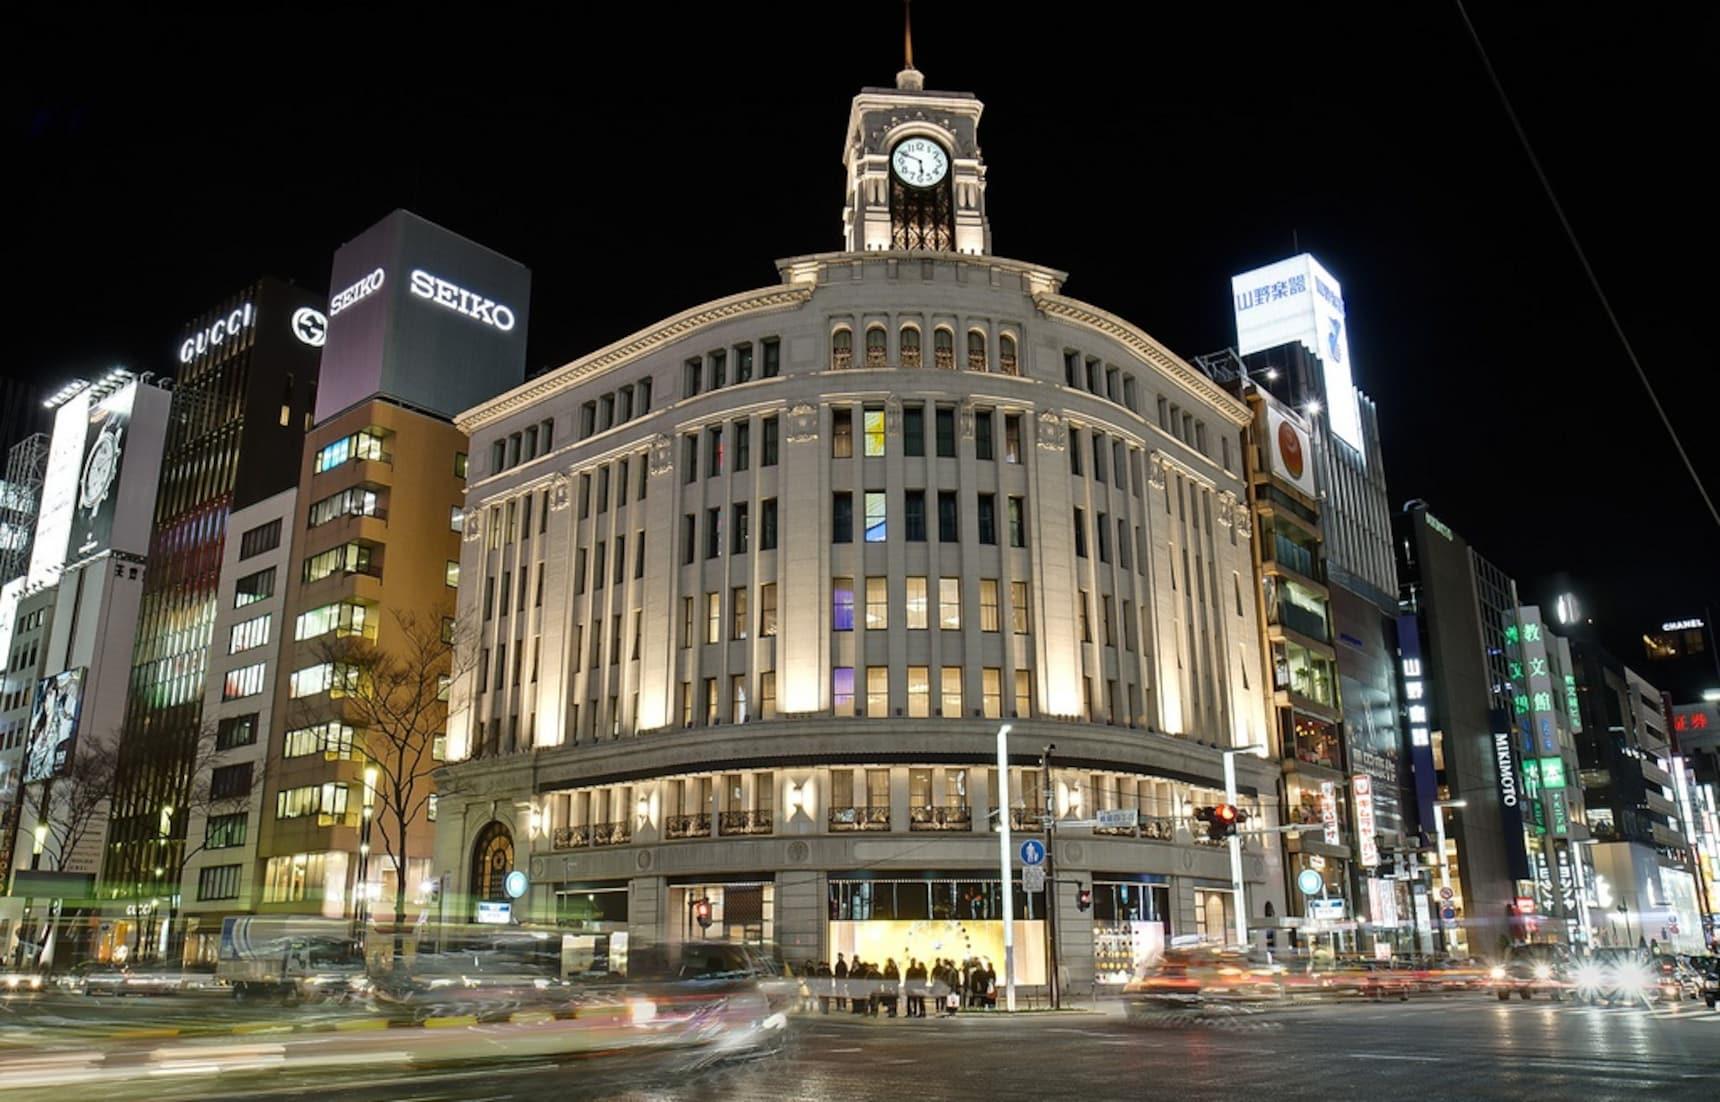 สัมผัส 6 ประสบการณ์สุดหรูหราในโตเกียว